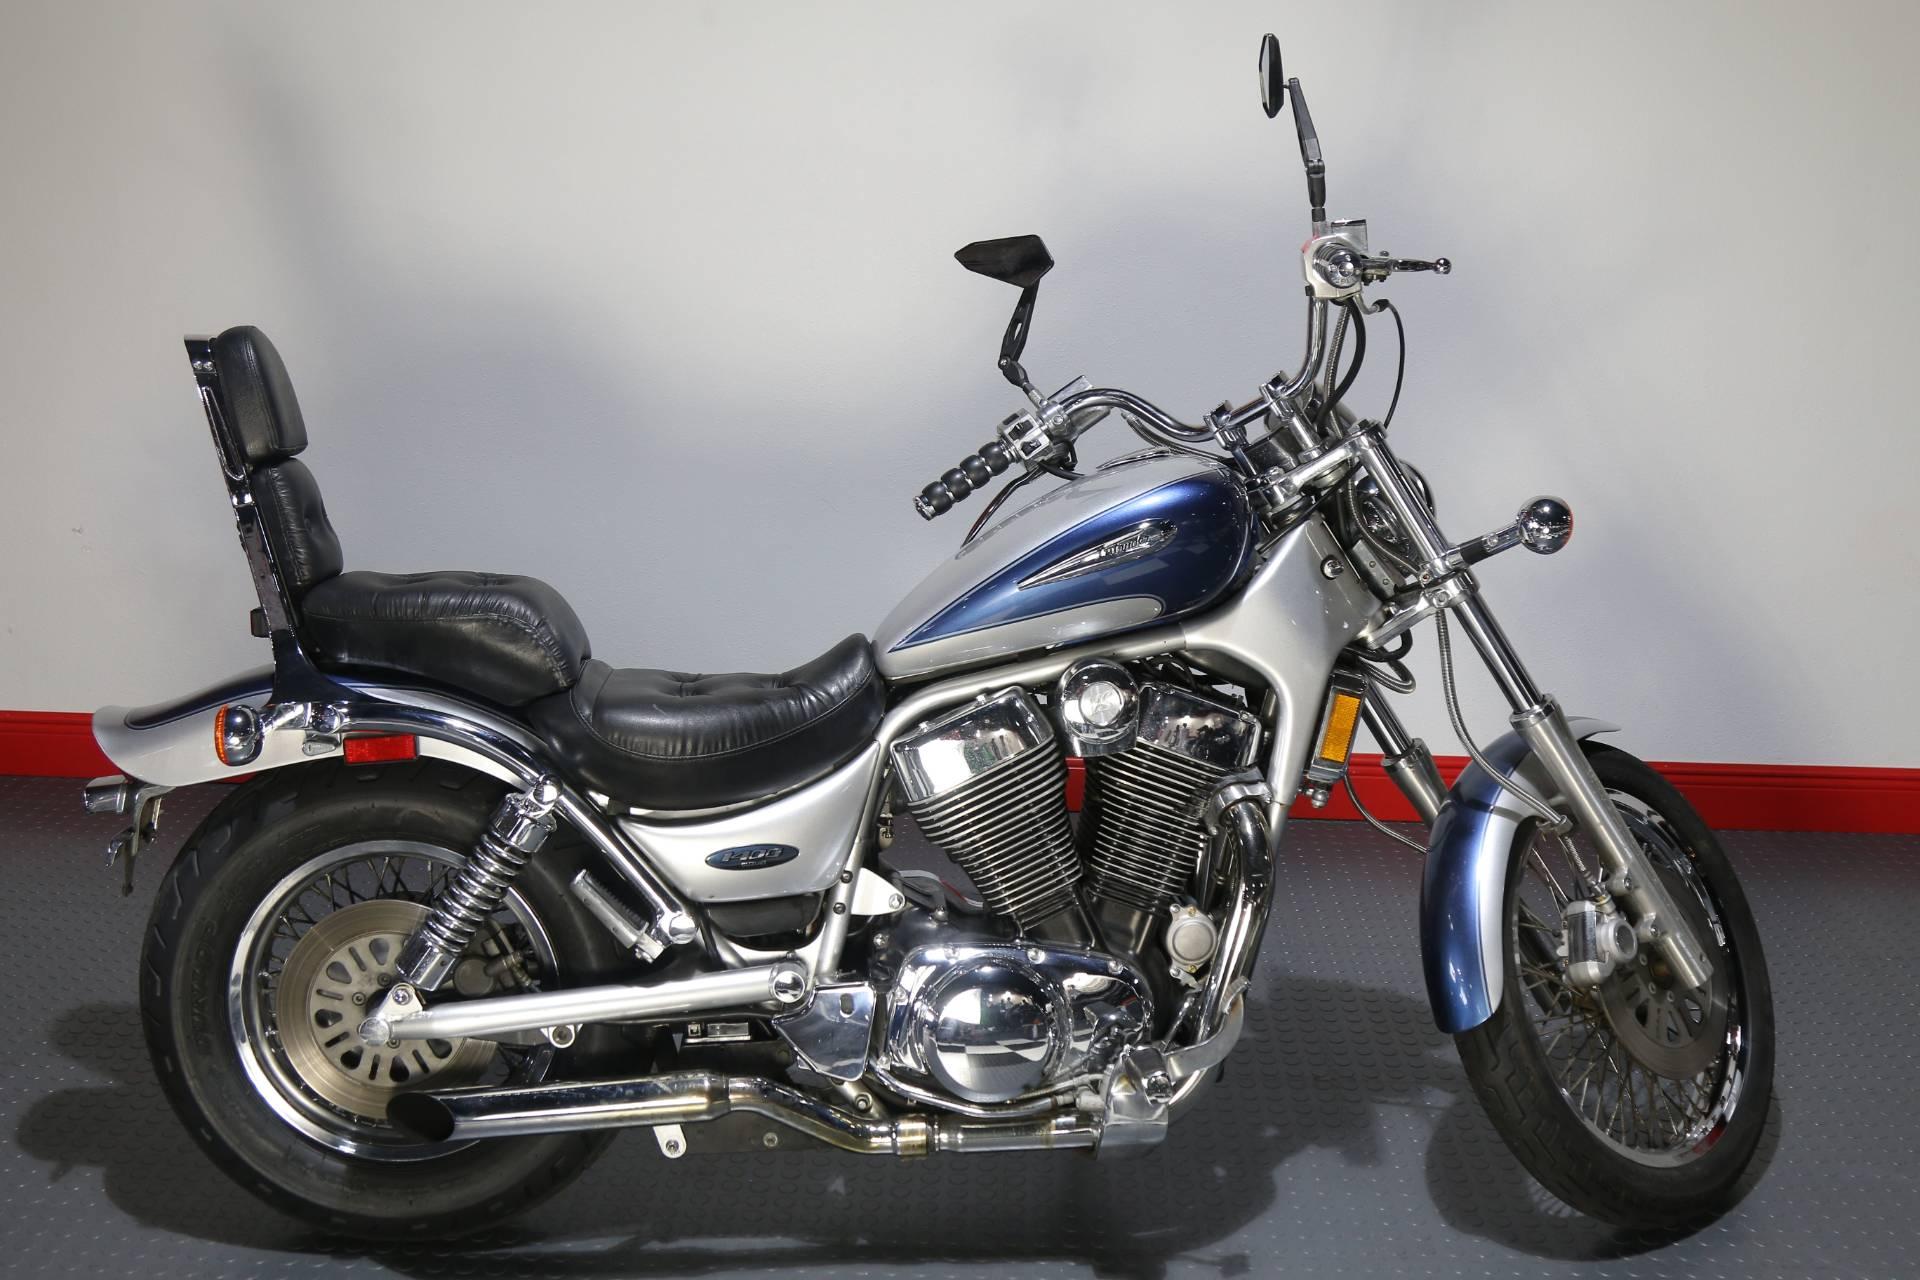 Used 2003 Suzuki Intruder 1400 Motorcycles In Pinellas Park Fl